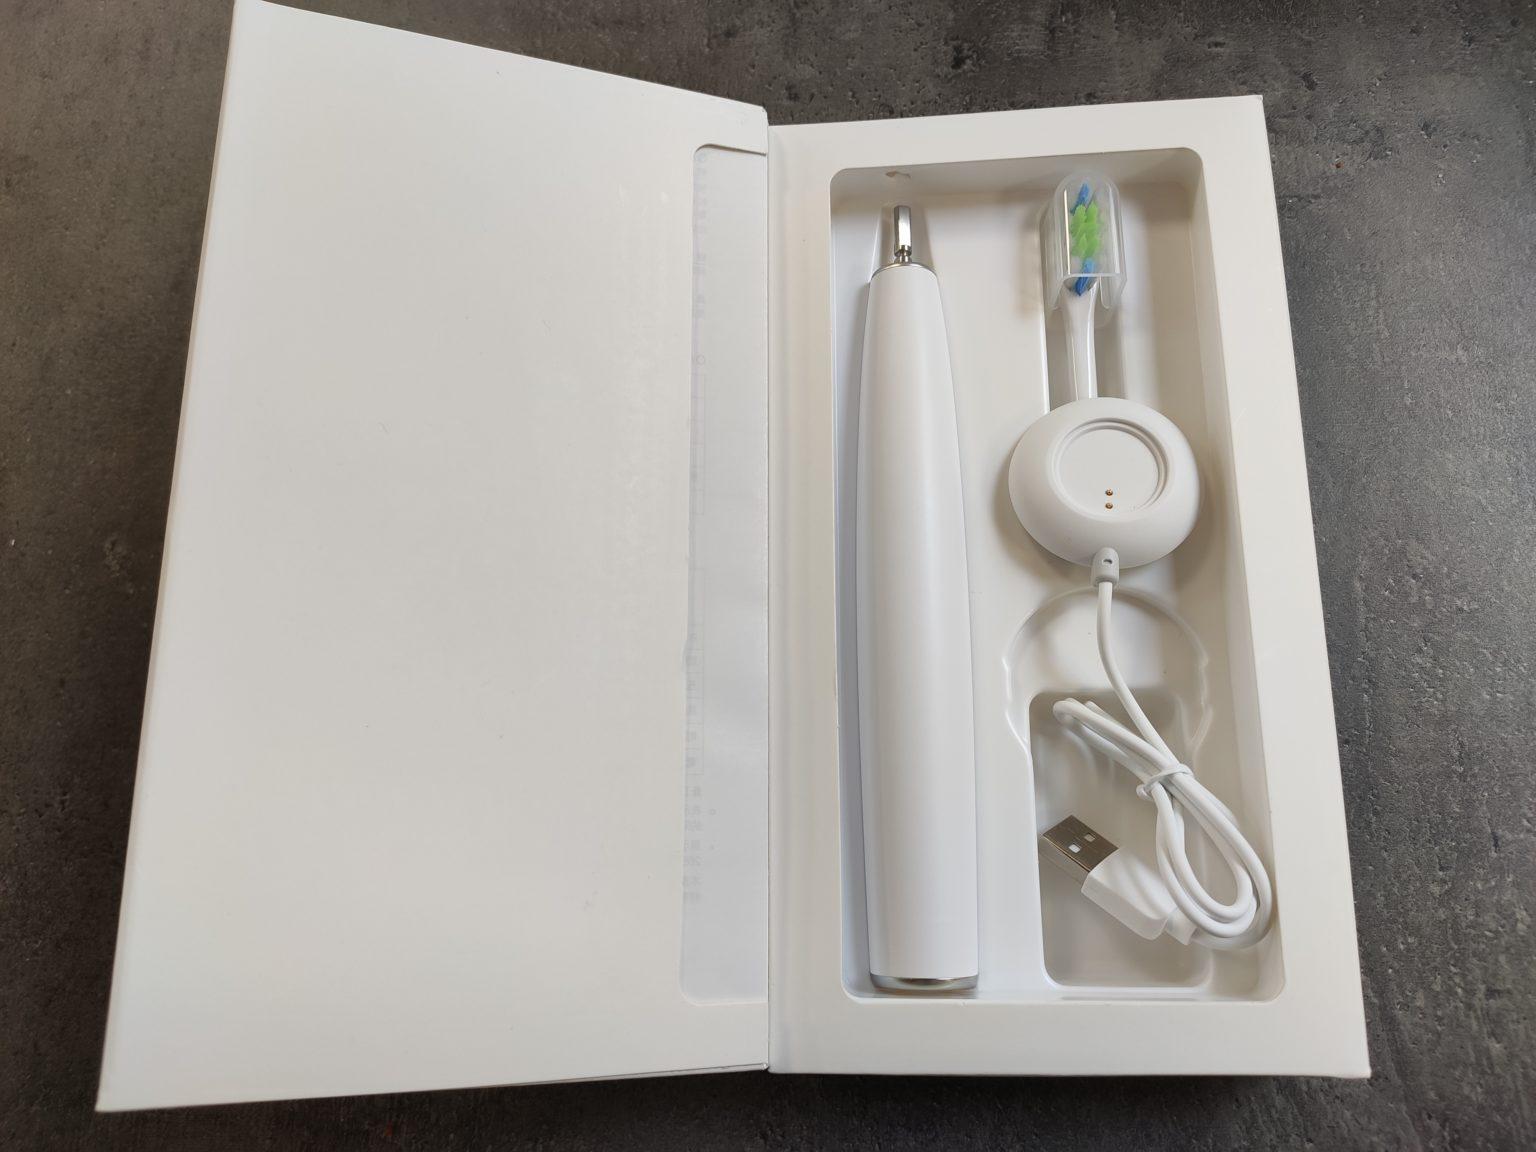 Accesorios del cepillo de dientes eléctrico Oclean Air 2